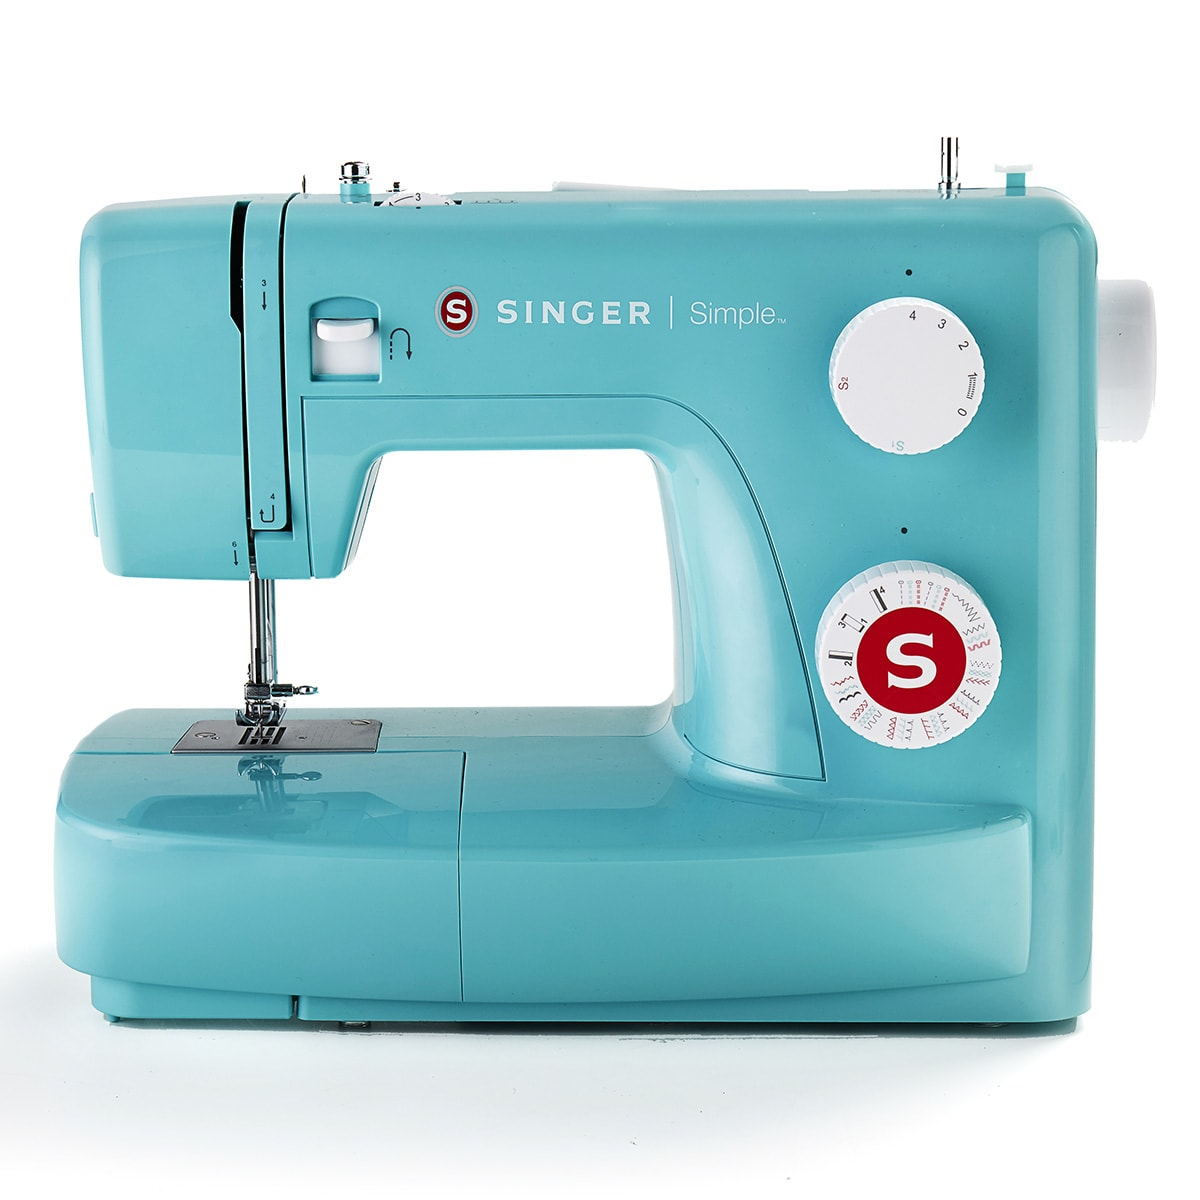 23 sømme - Stabil og brugervenlig symaskine